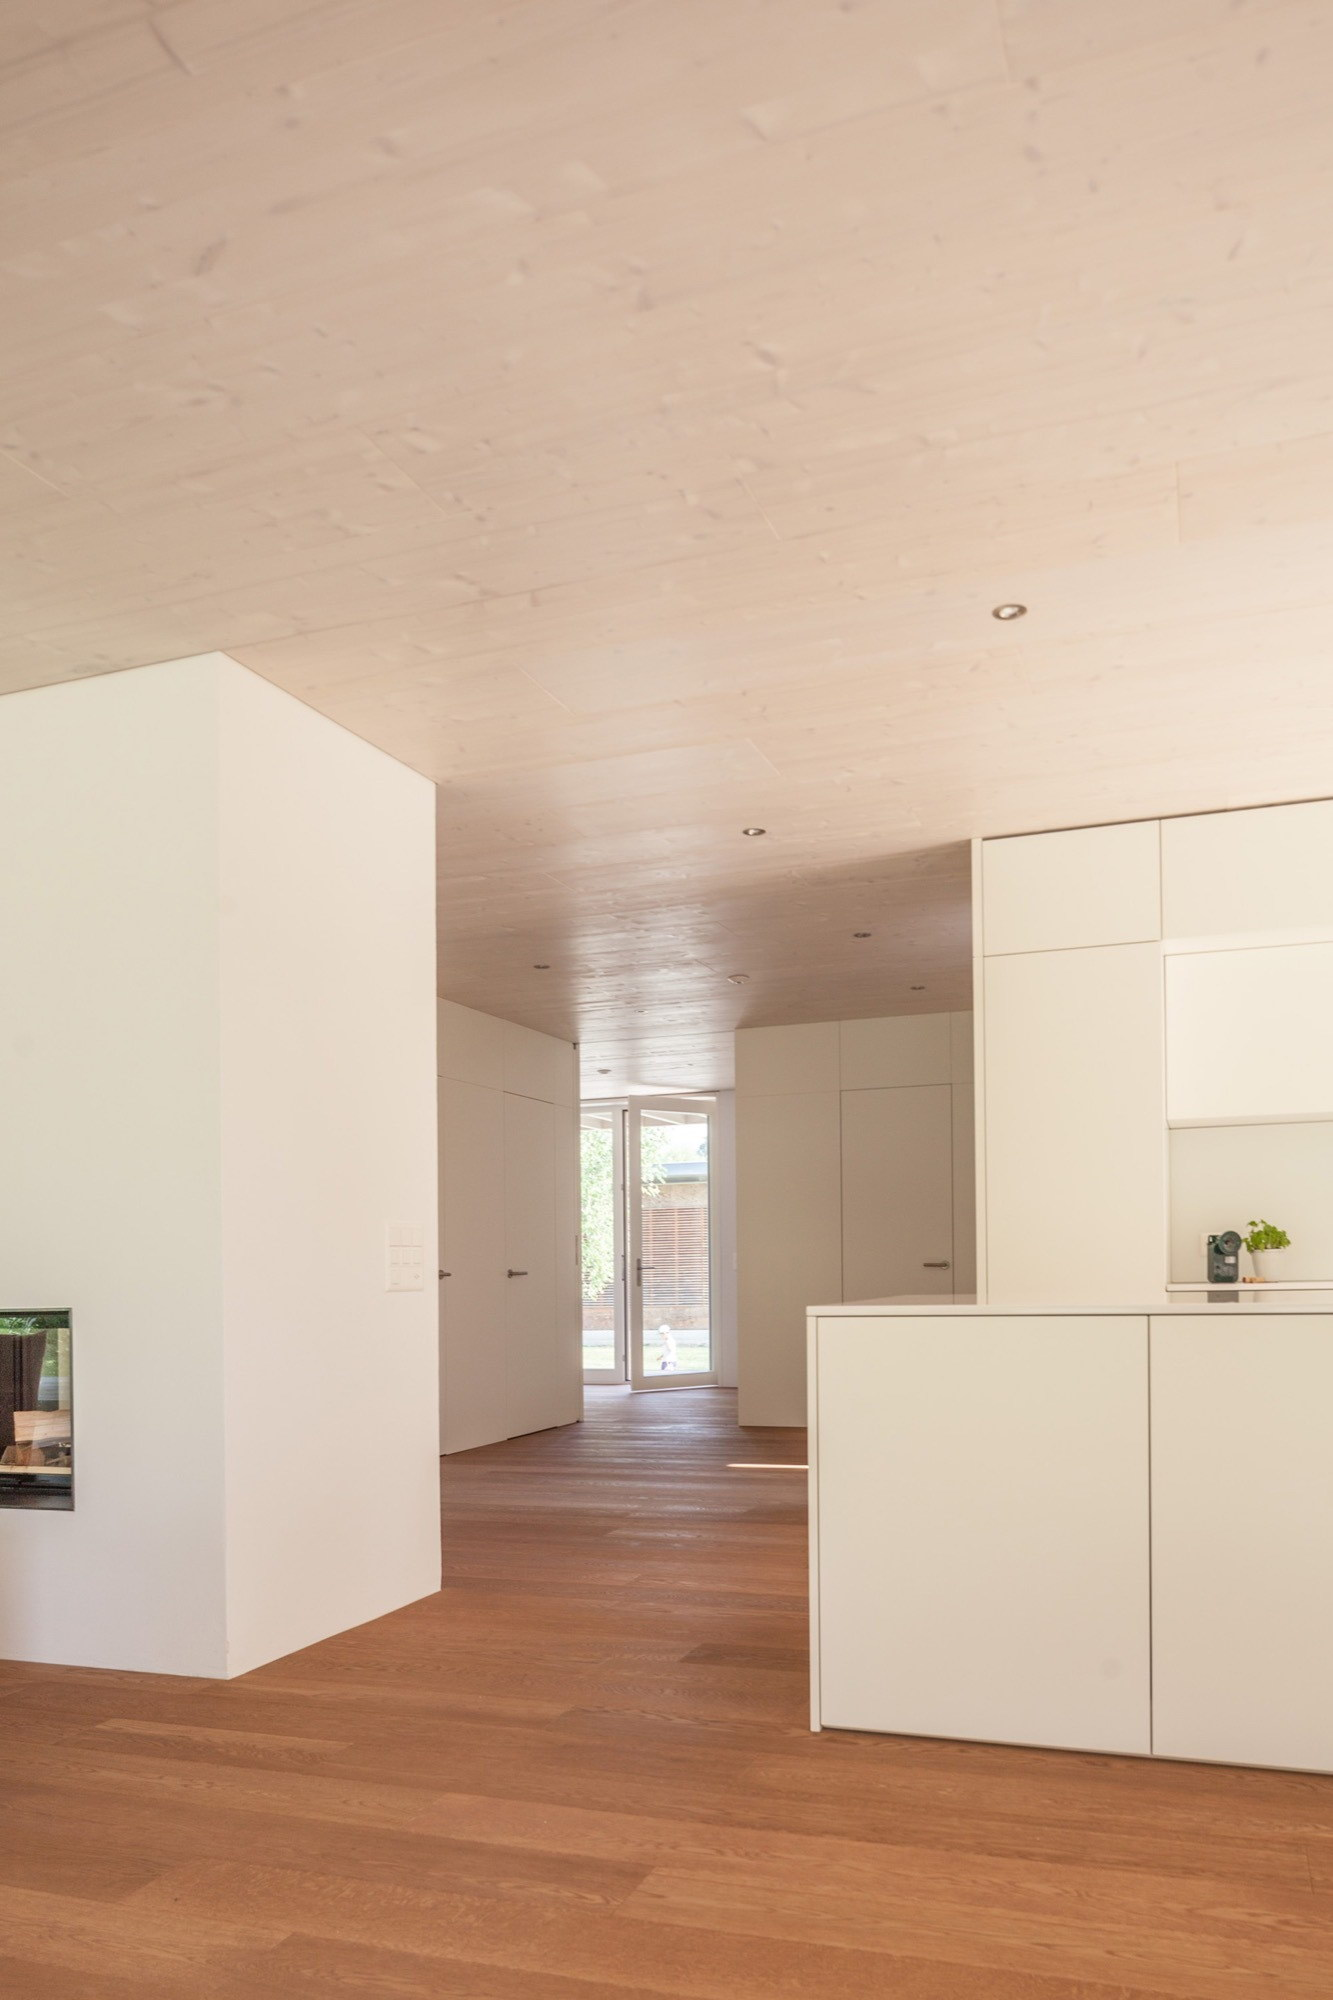 House at Lake Biel by Markus Schietsch Architekten